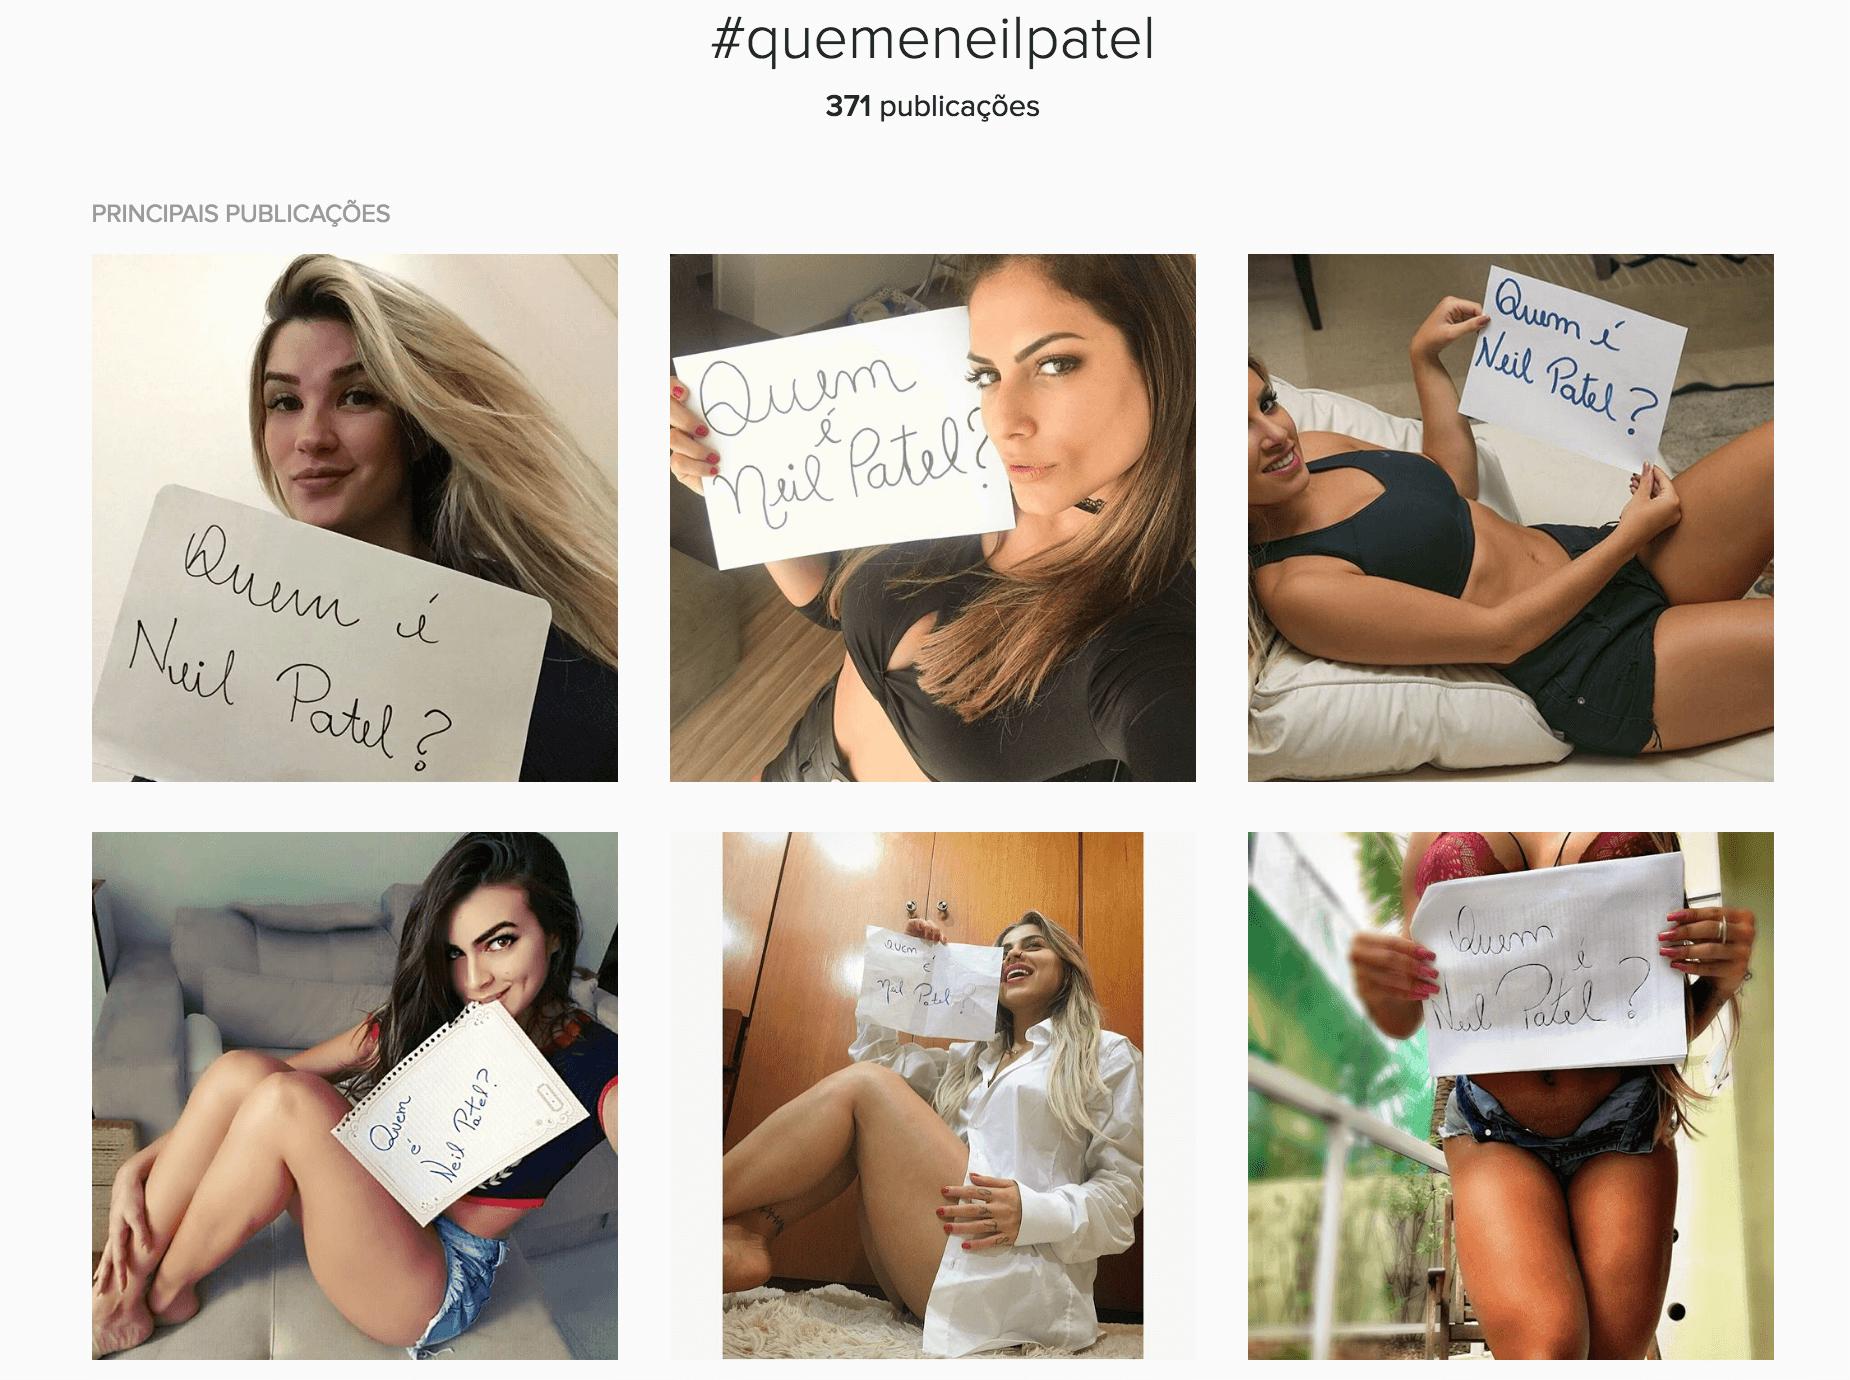 neil-patel-quem-e-instagram